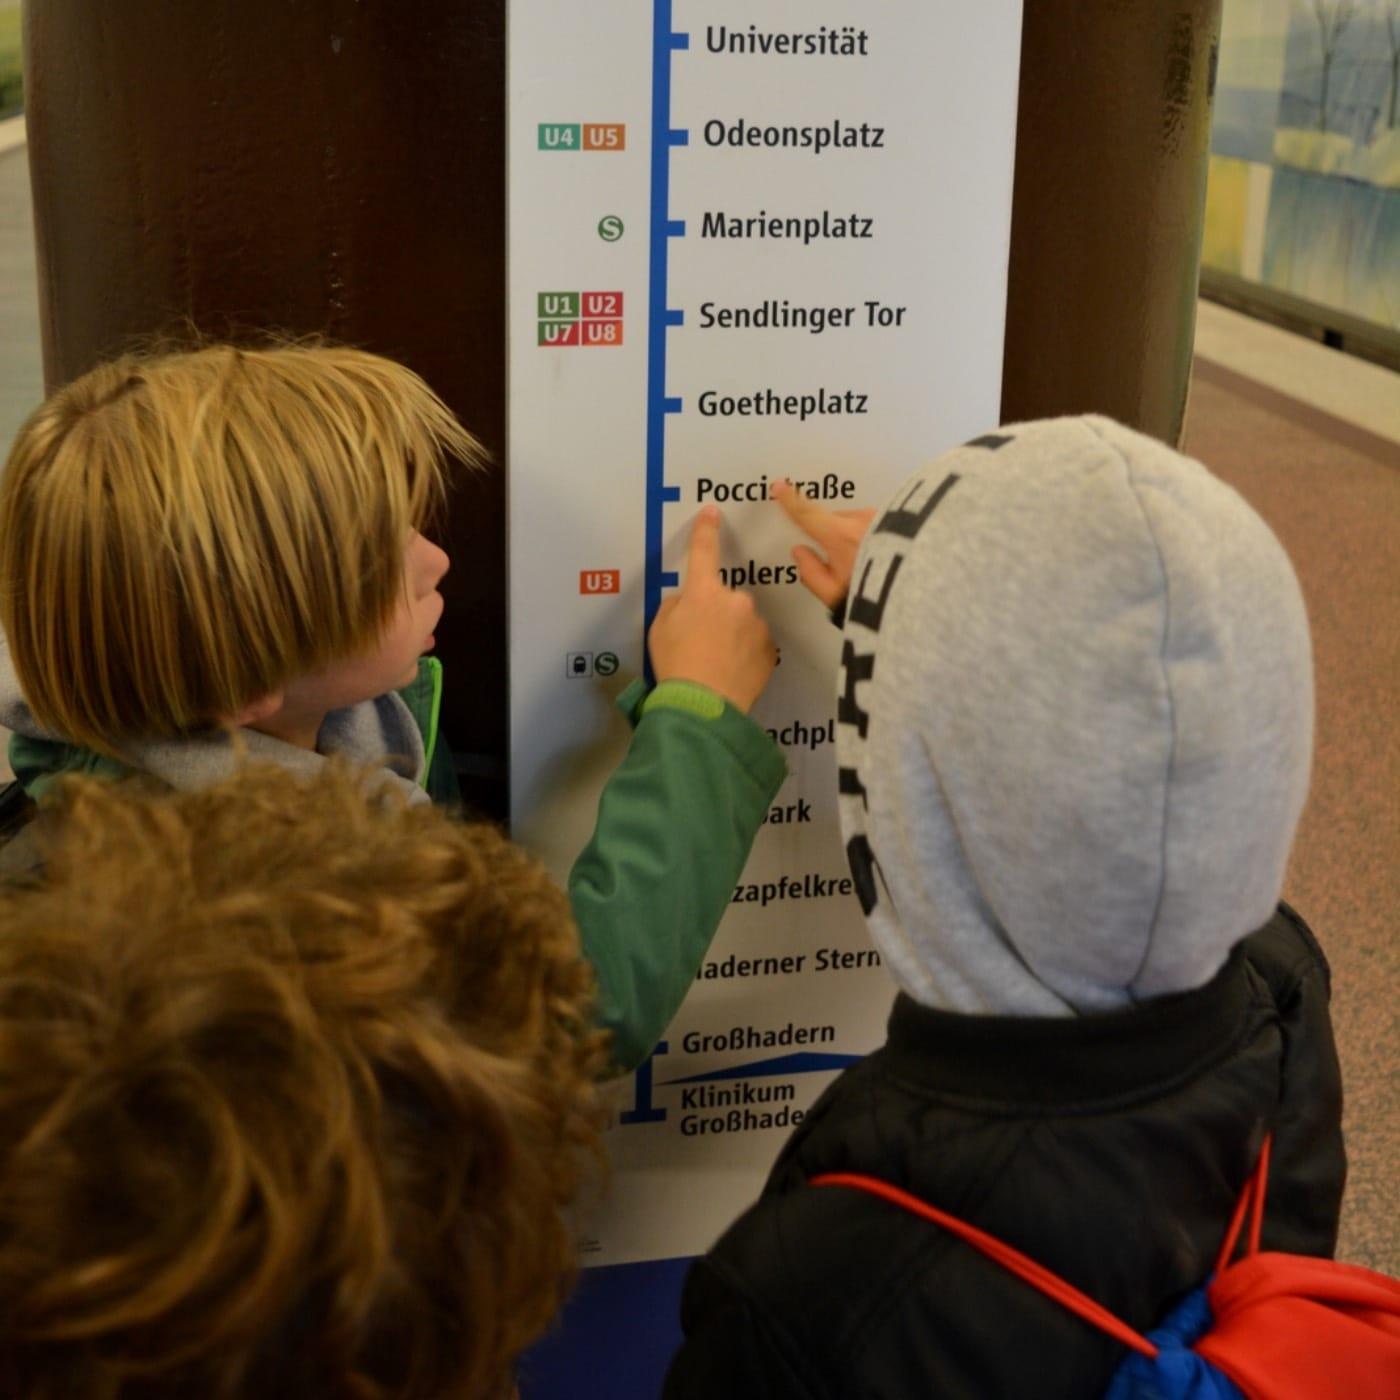 Münchner Kindertag 2021: freie Fahrt in den öffentlichen Verkehrsmitteln in München // HIMBER